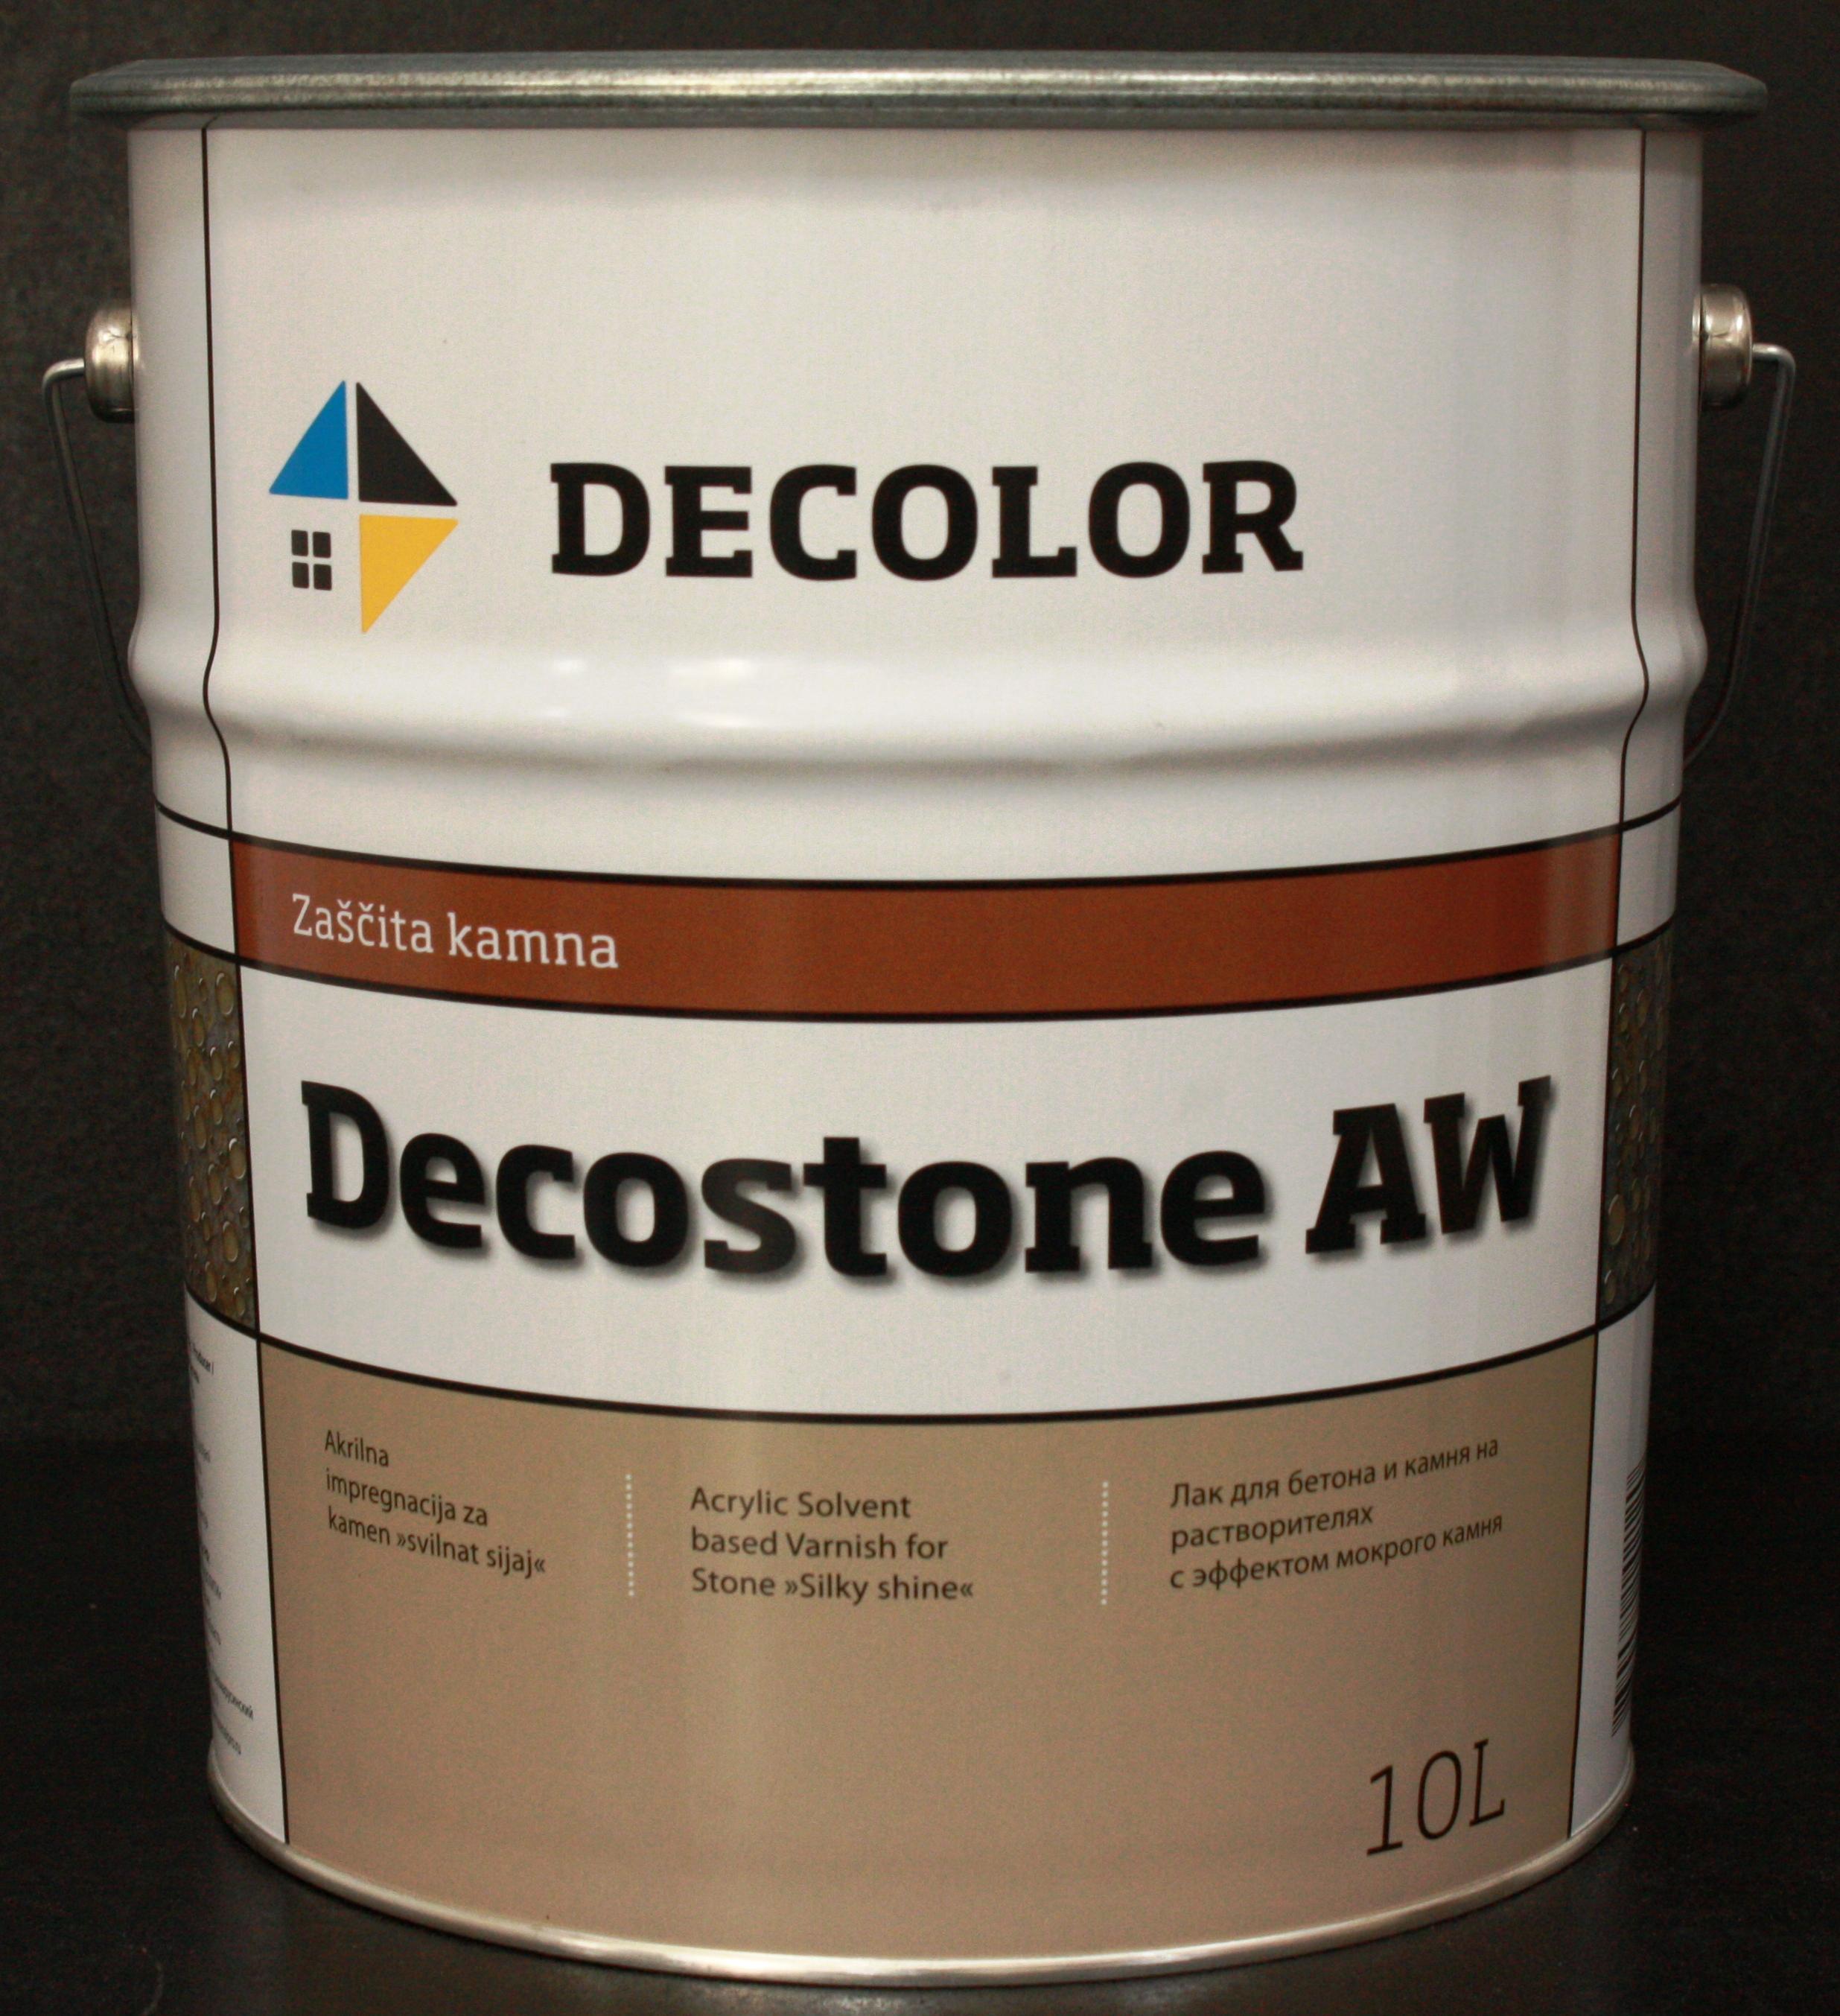 Защитный лак с эффектом мокрого камня Decostone AW